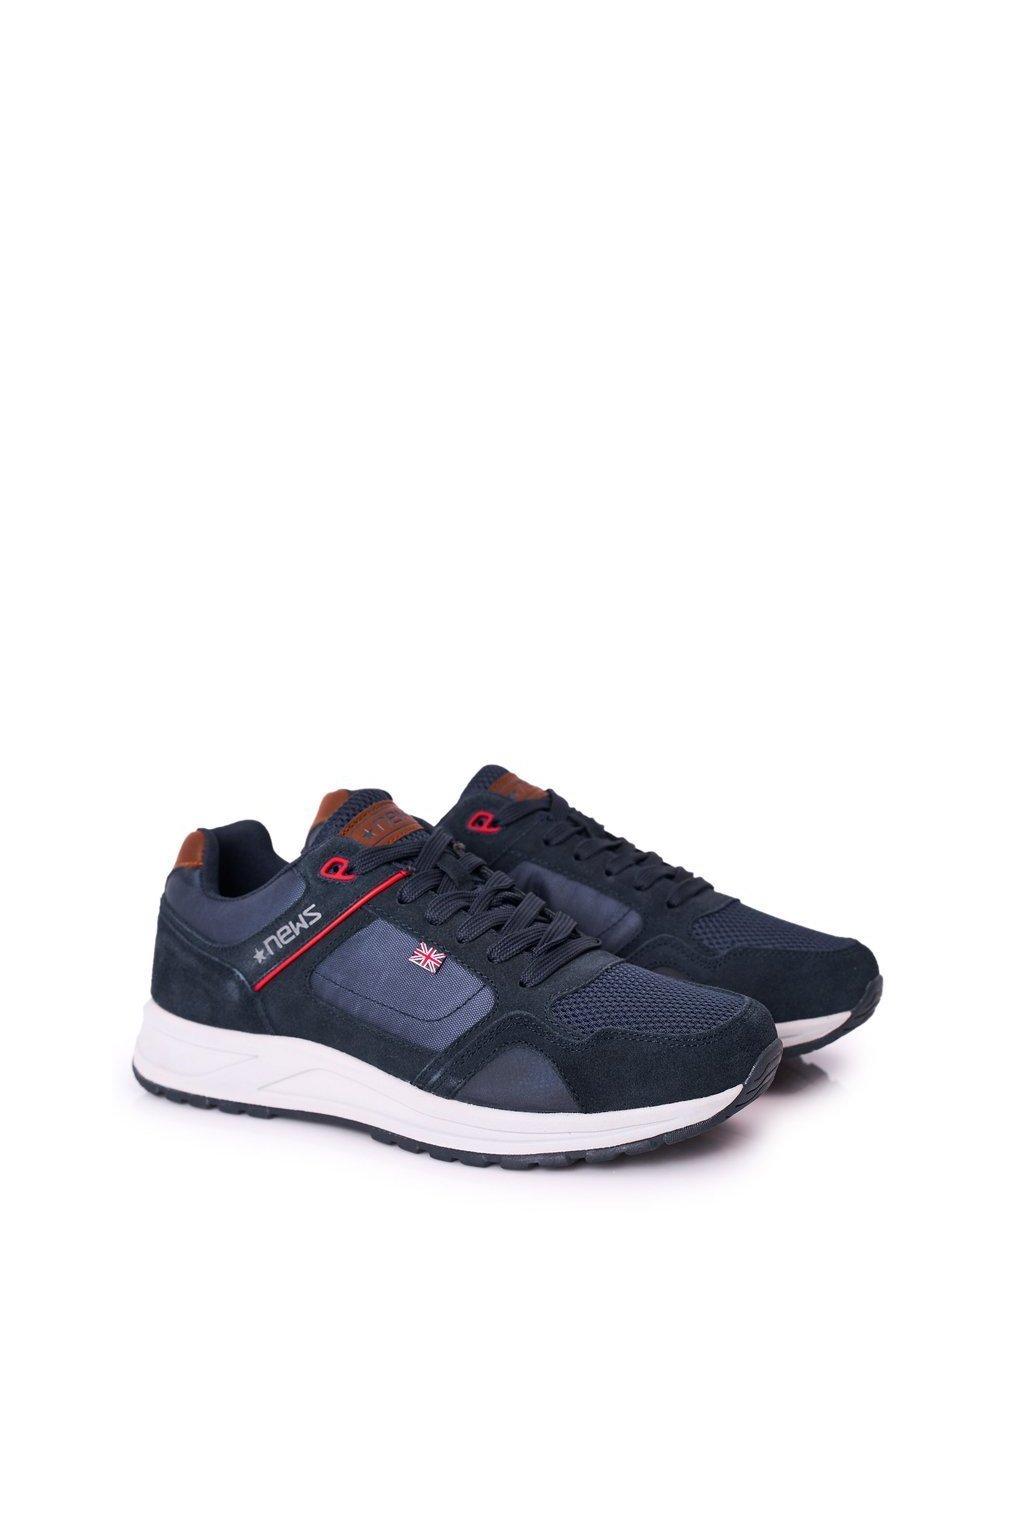 Modrá obuv kód topánok 20MN20-3311 NAVY